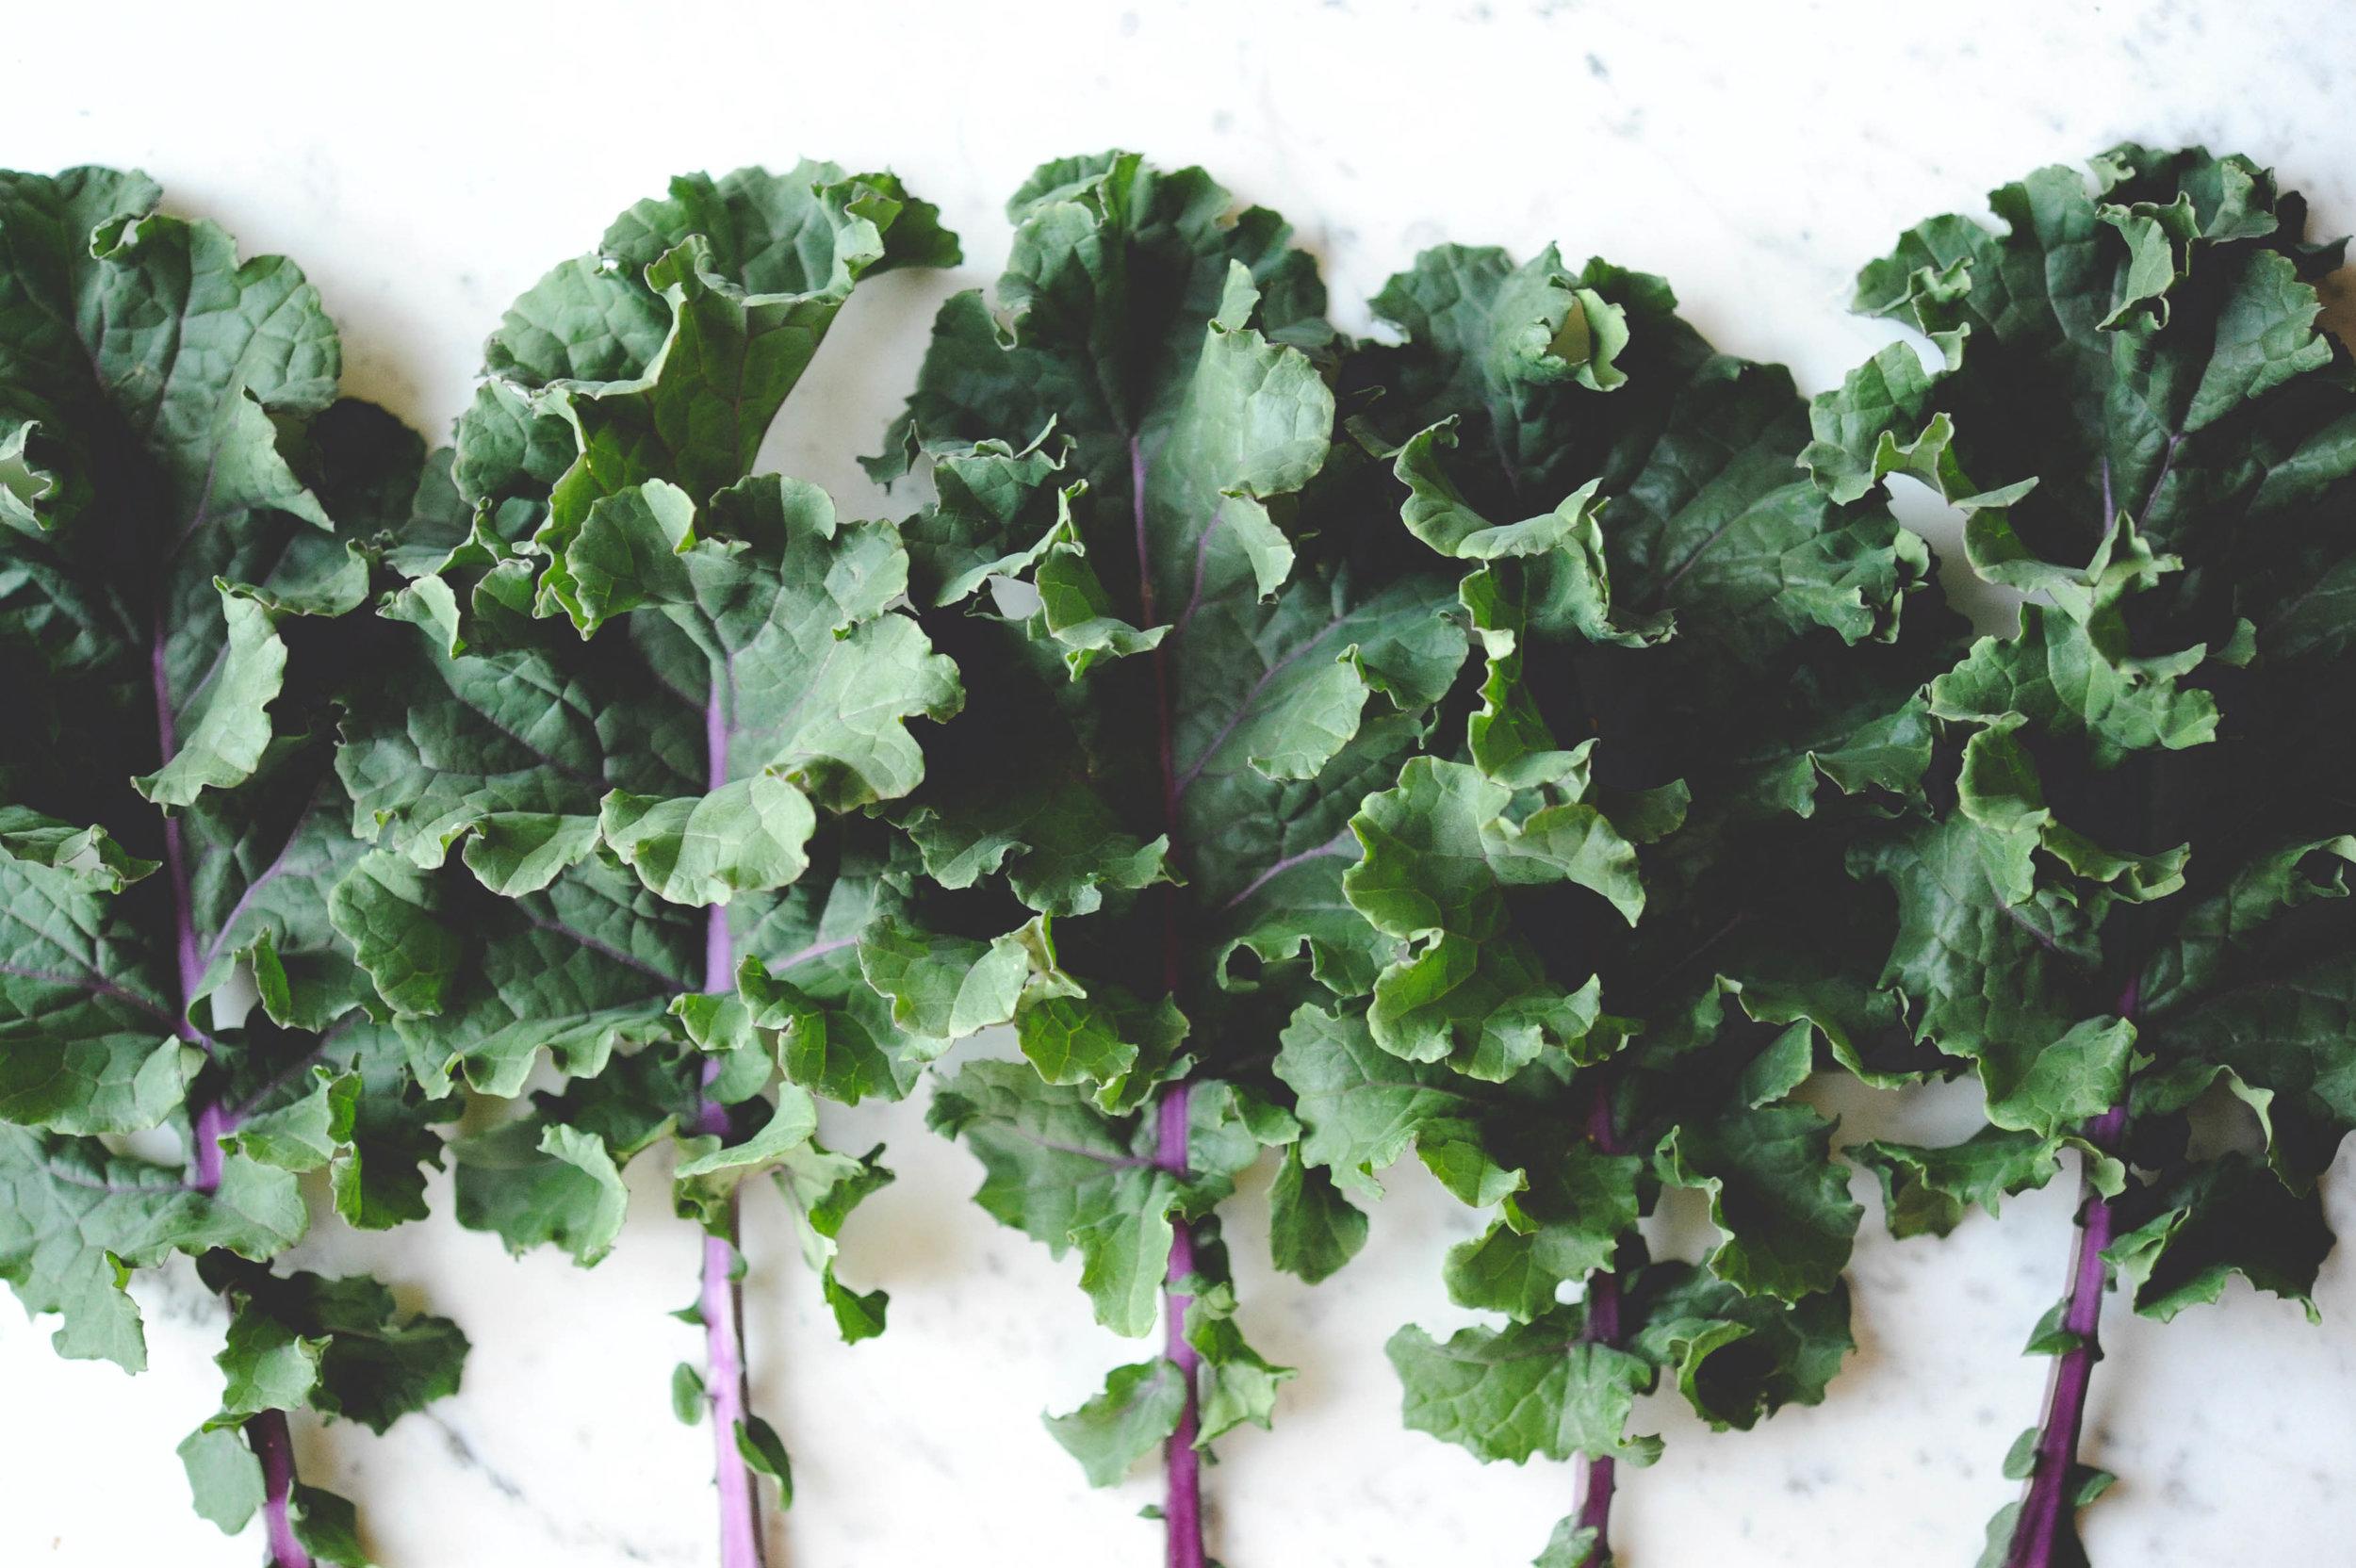 Kale_Pest Prevention.jpg